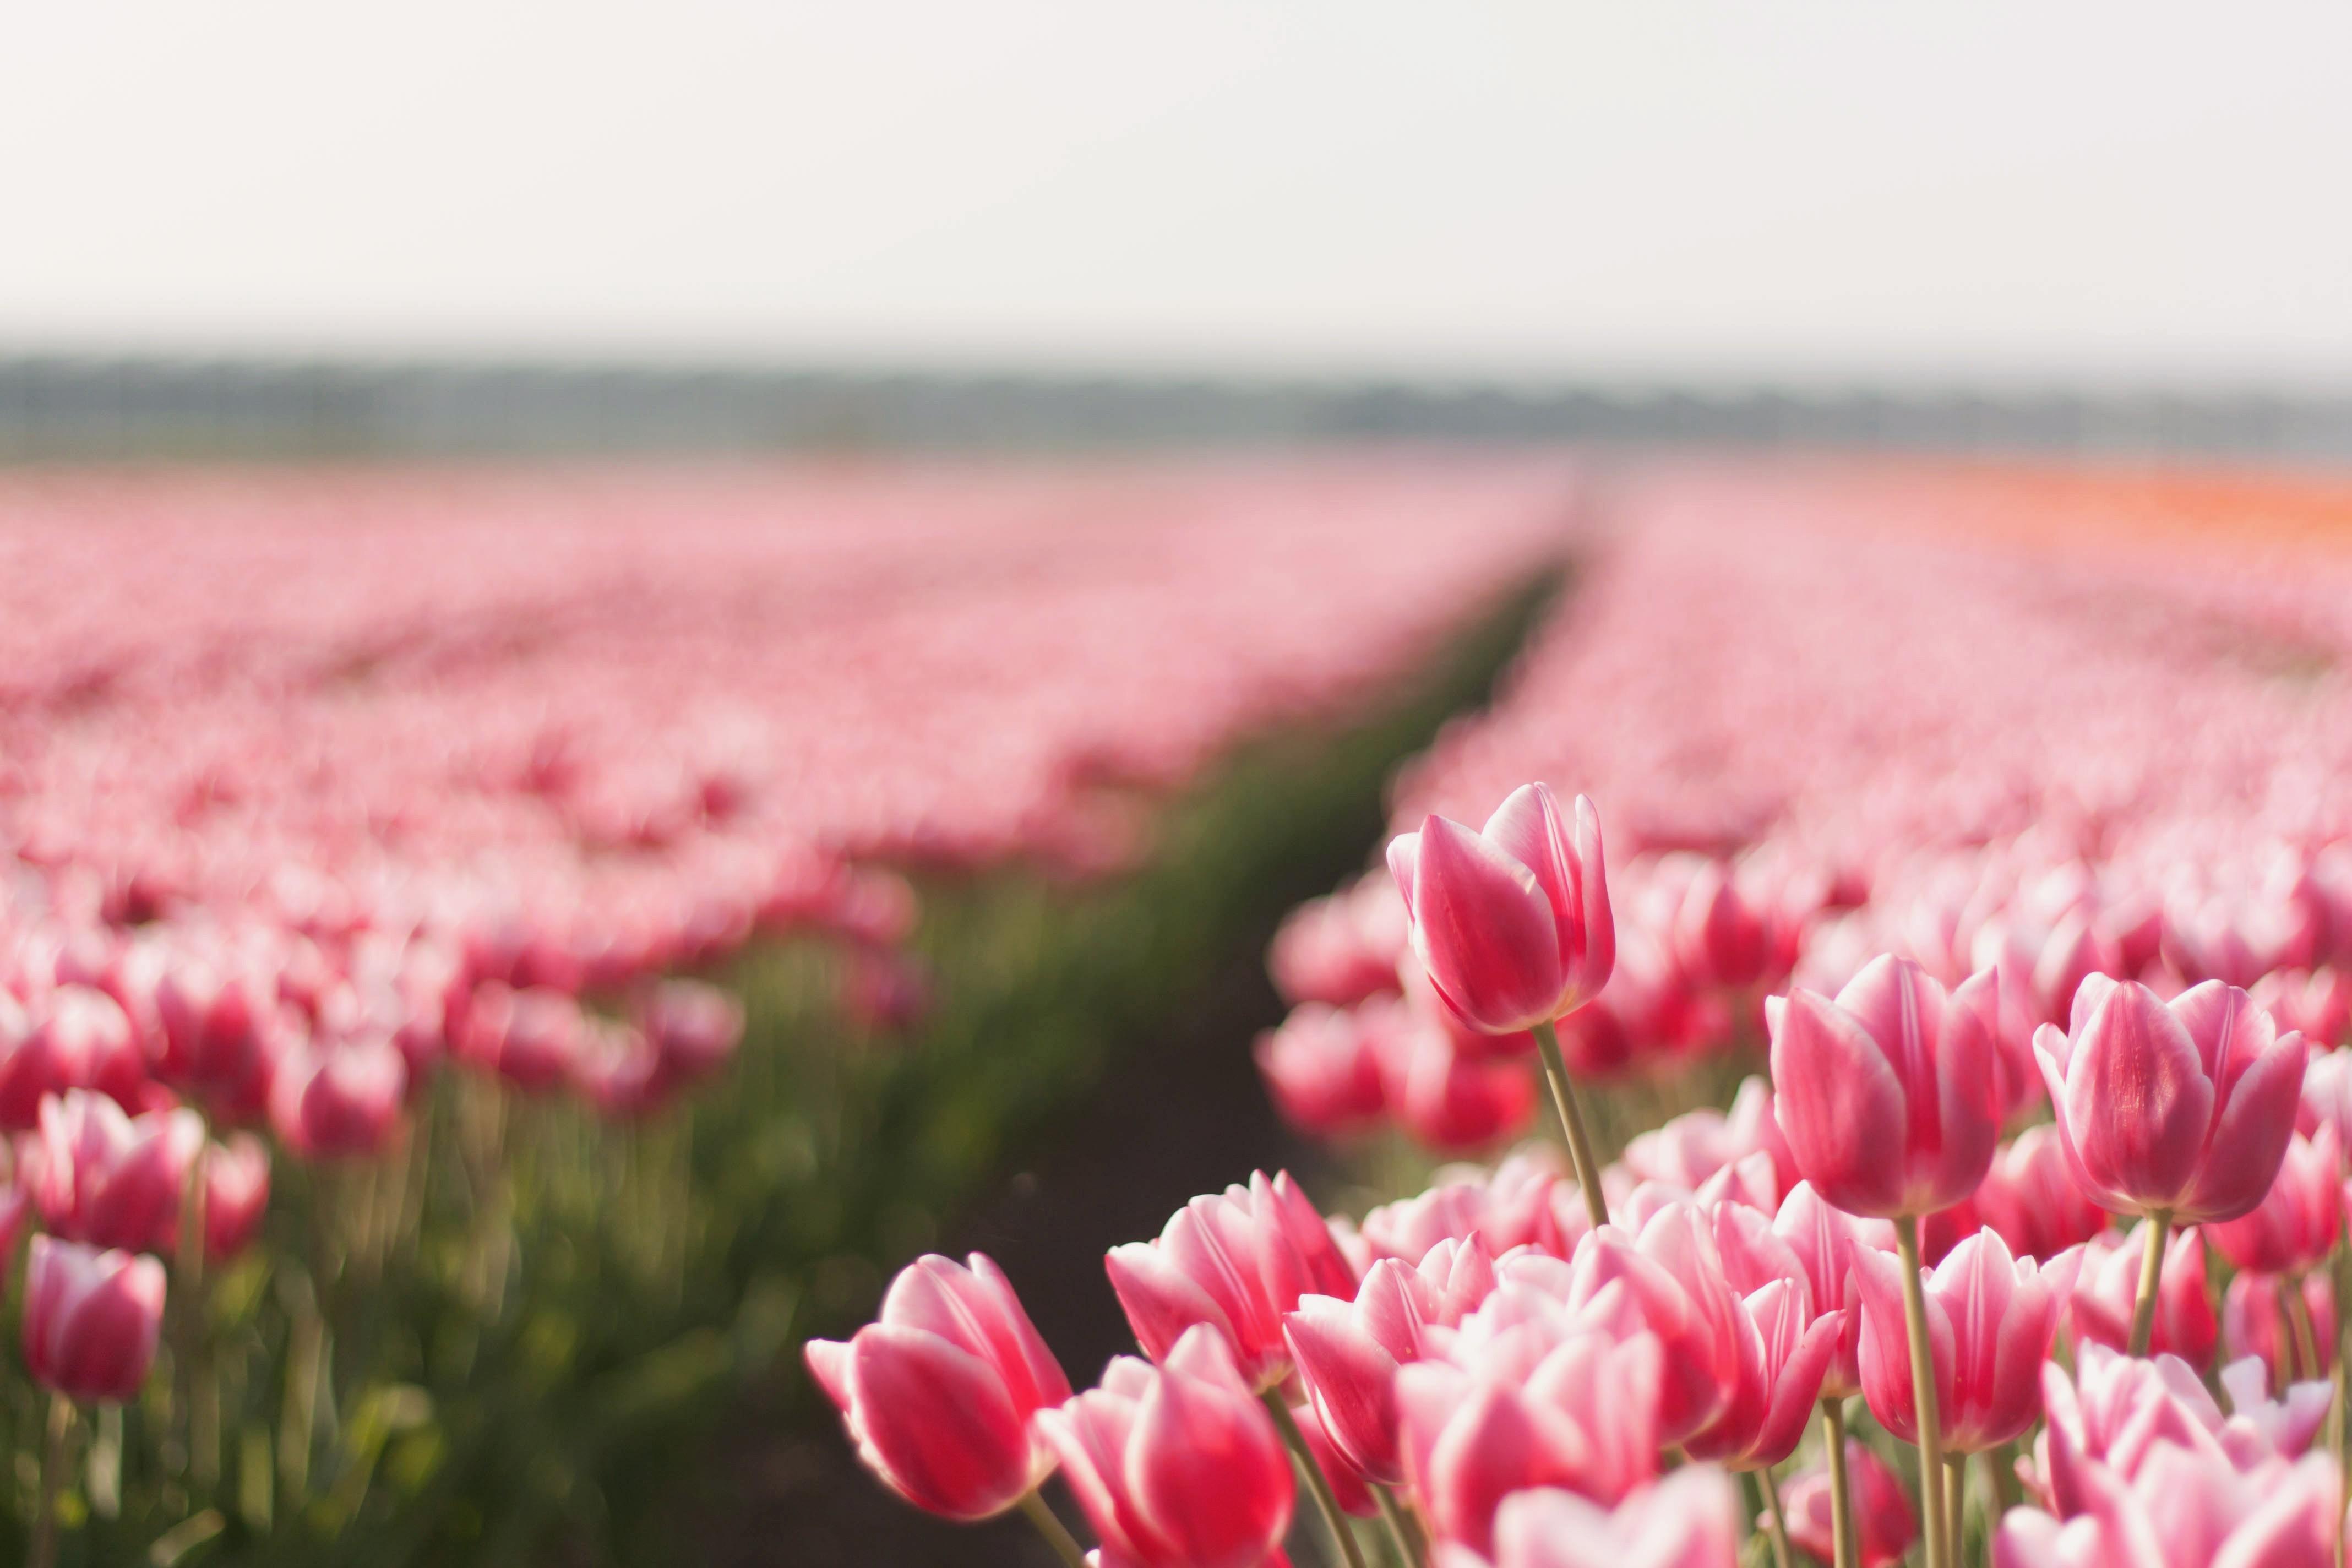 поляна цветы тюльпаны небо деревья загрузить